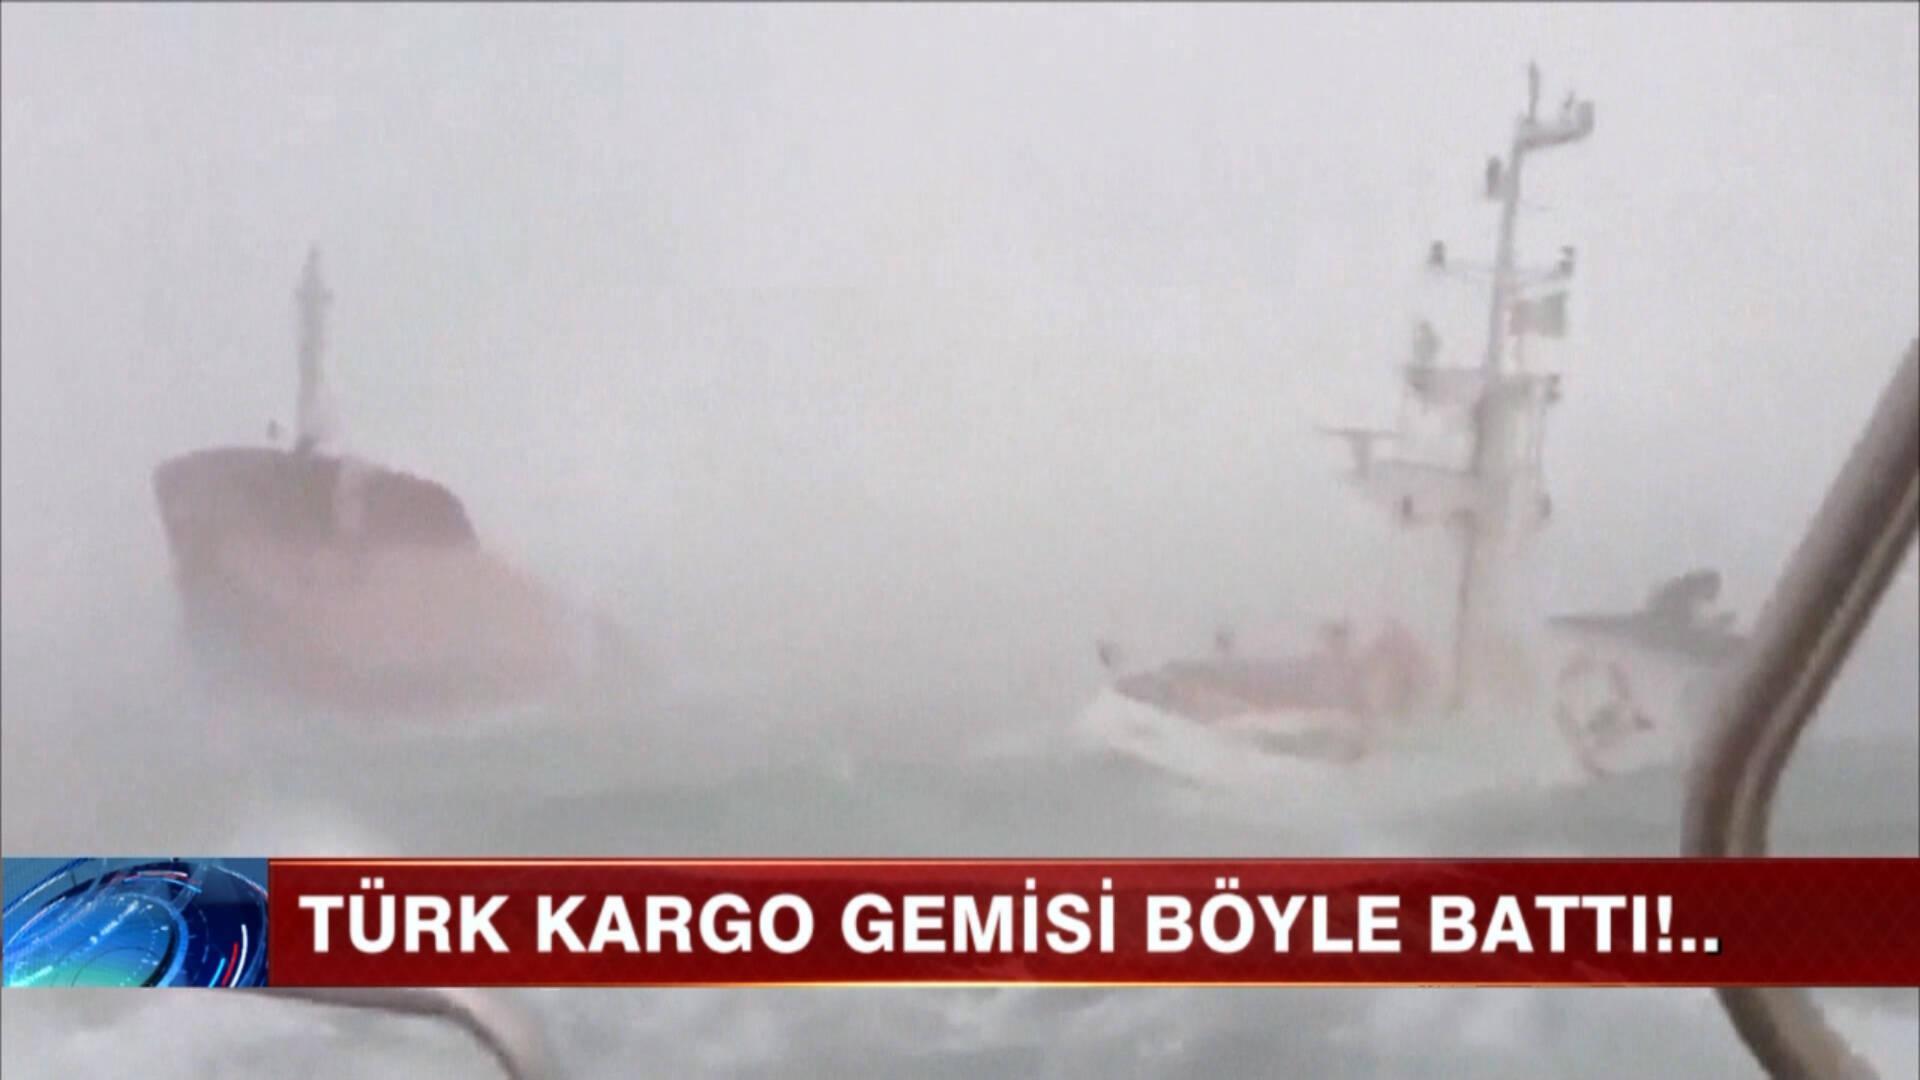 Türk kargo gemisi böyle battı!